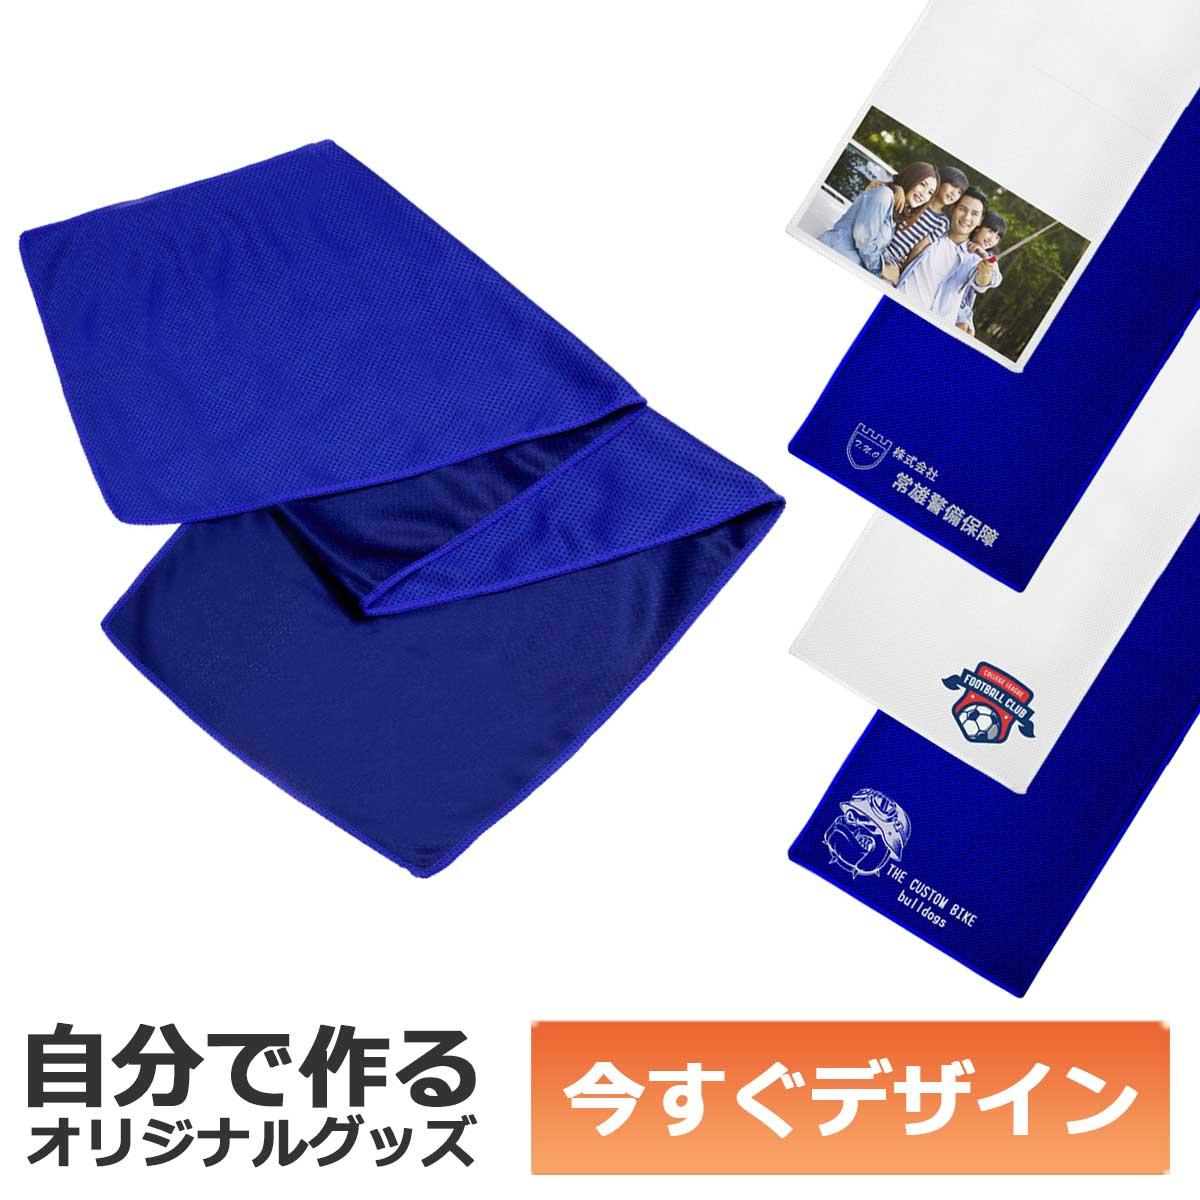 あす楽 授与 名入れ プリント ひんやり 繰り返し使用 ギフト 即納可能 巾着袋付属 メール便可 1枚から作れる 通信販売 ブルー 涼感マフラータオル 自分でデザイン オリジナル